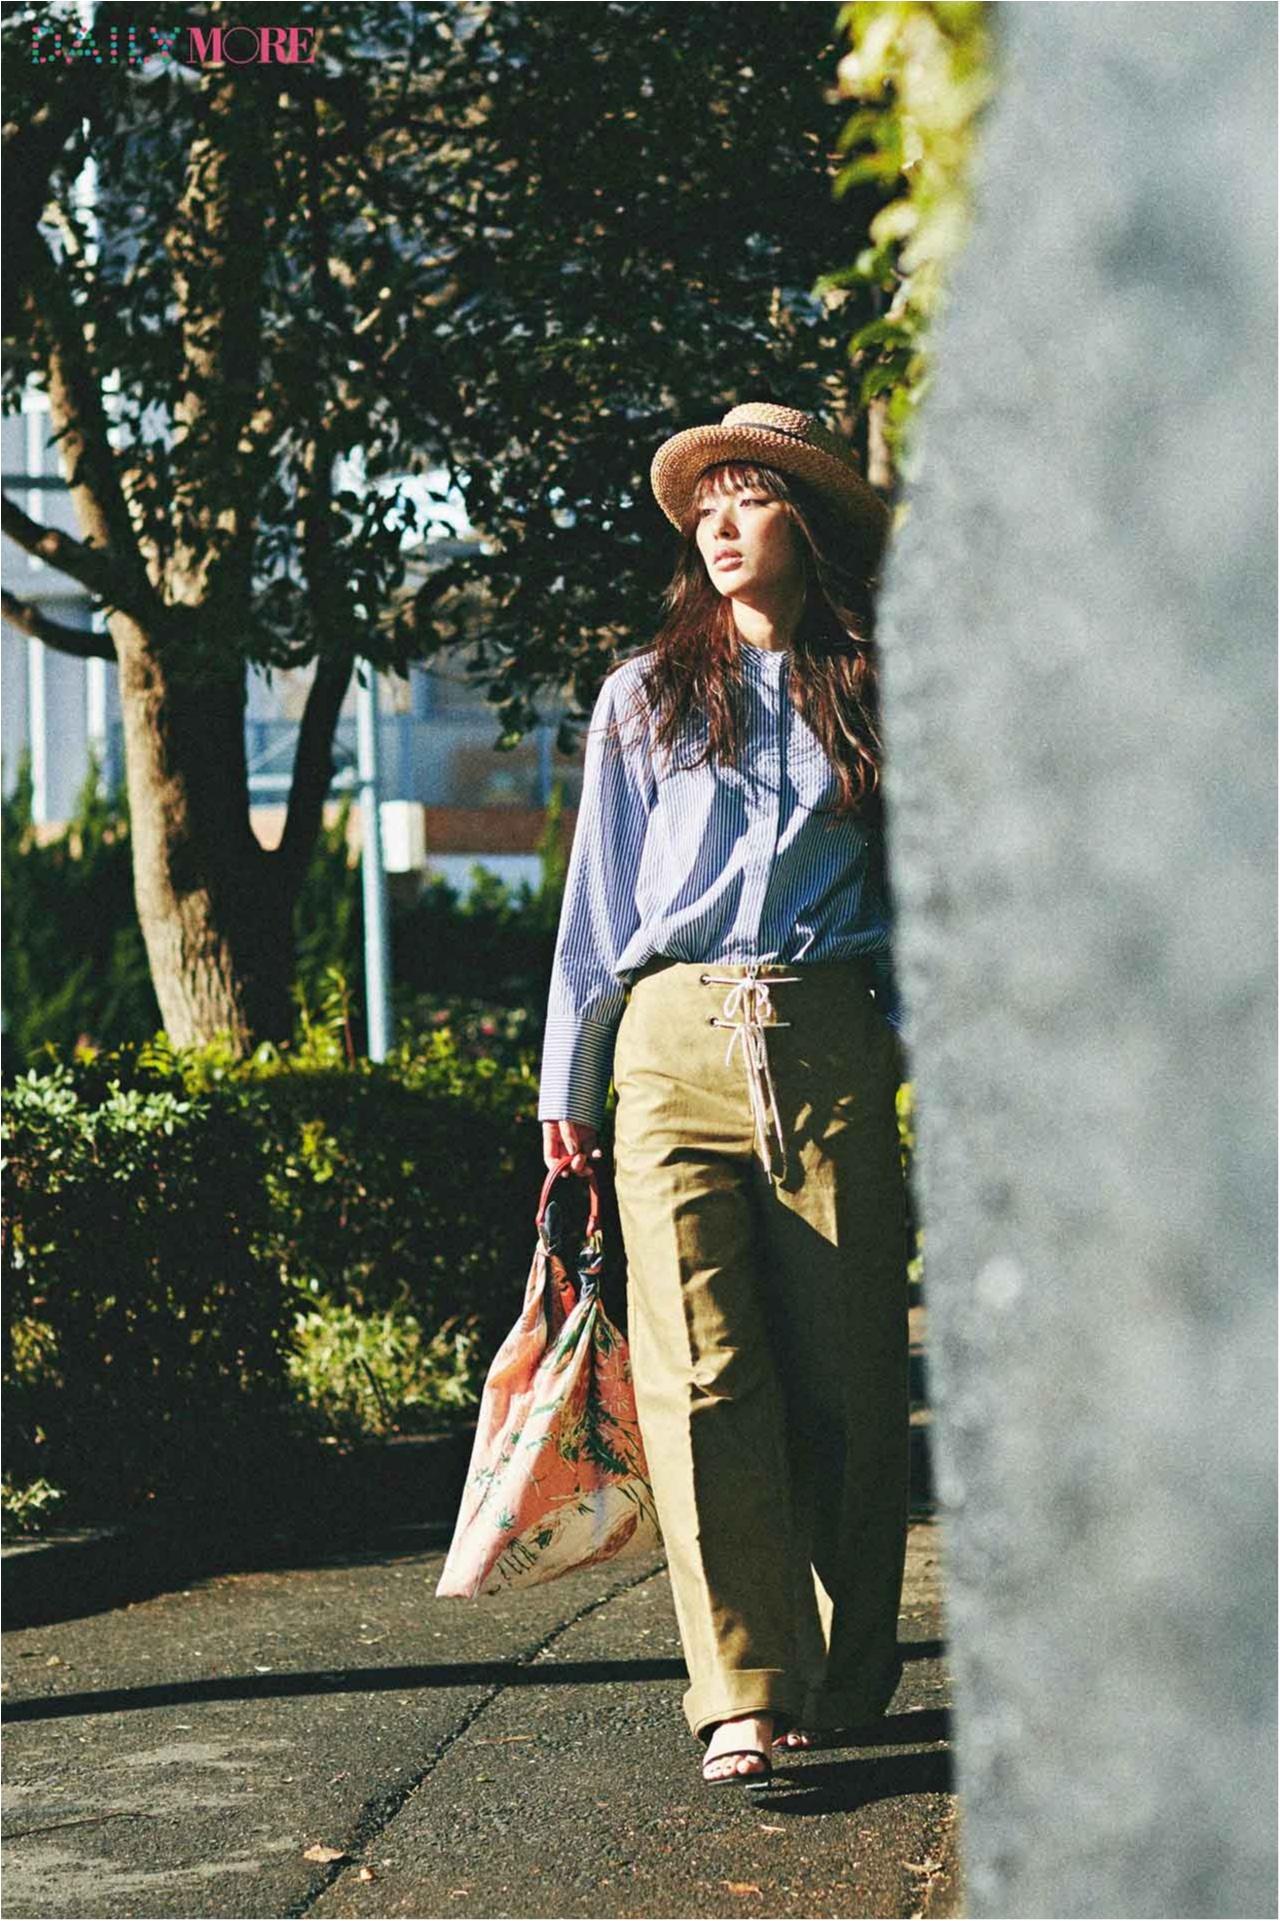 【今日のコーデ/内田理央】女友達とランチする日は、スカーフバッグで新鮮な遊び心を♪_1